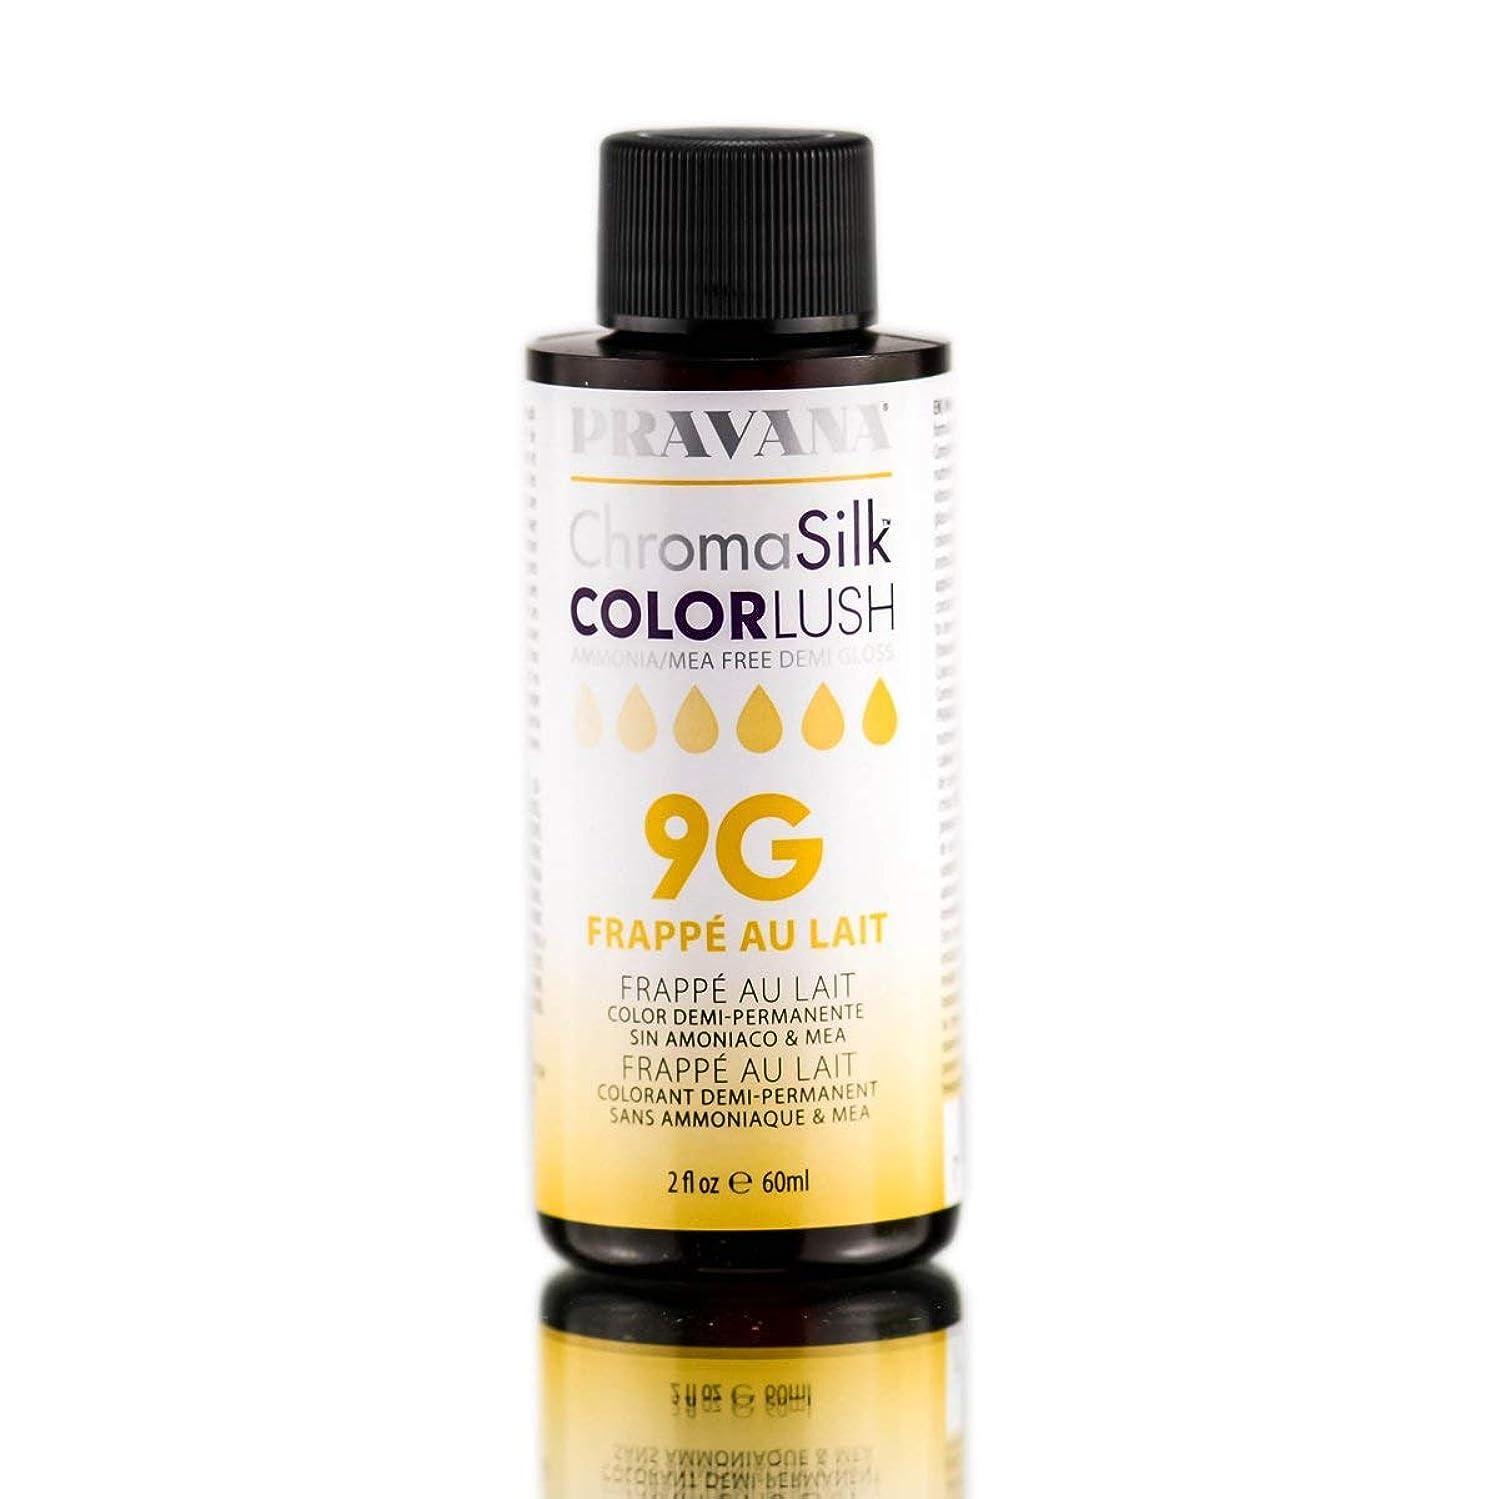 すり減る製油所社員Pravana ChromaSilk ColorLushデミグロス - フラッペオレ/ 9グラム